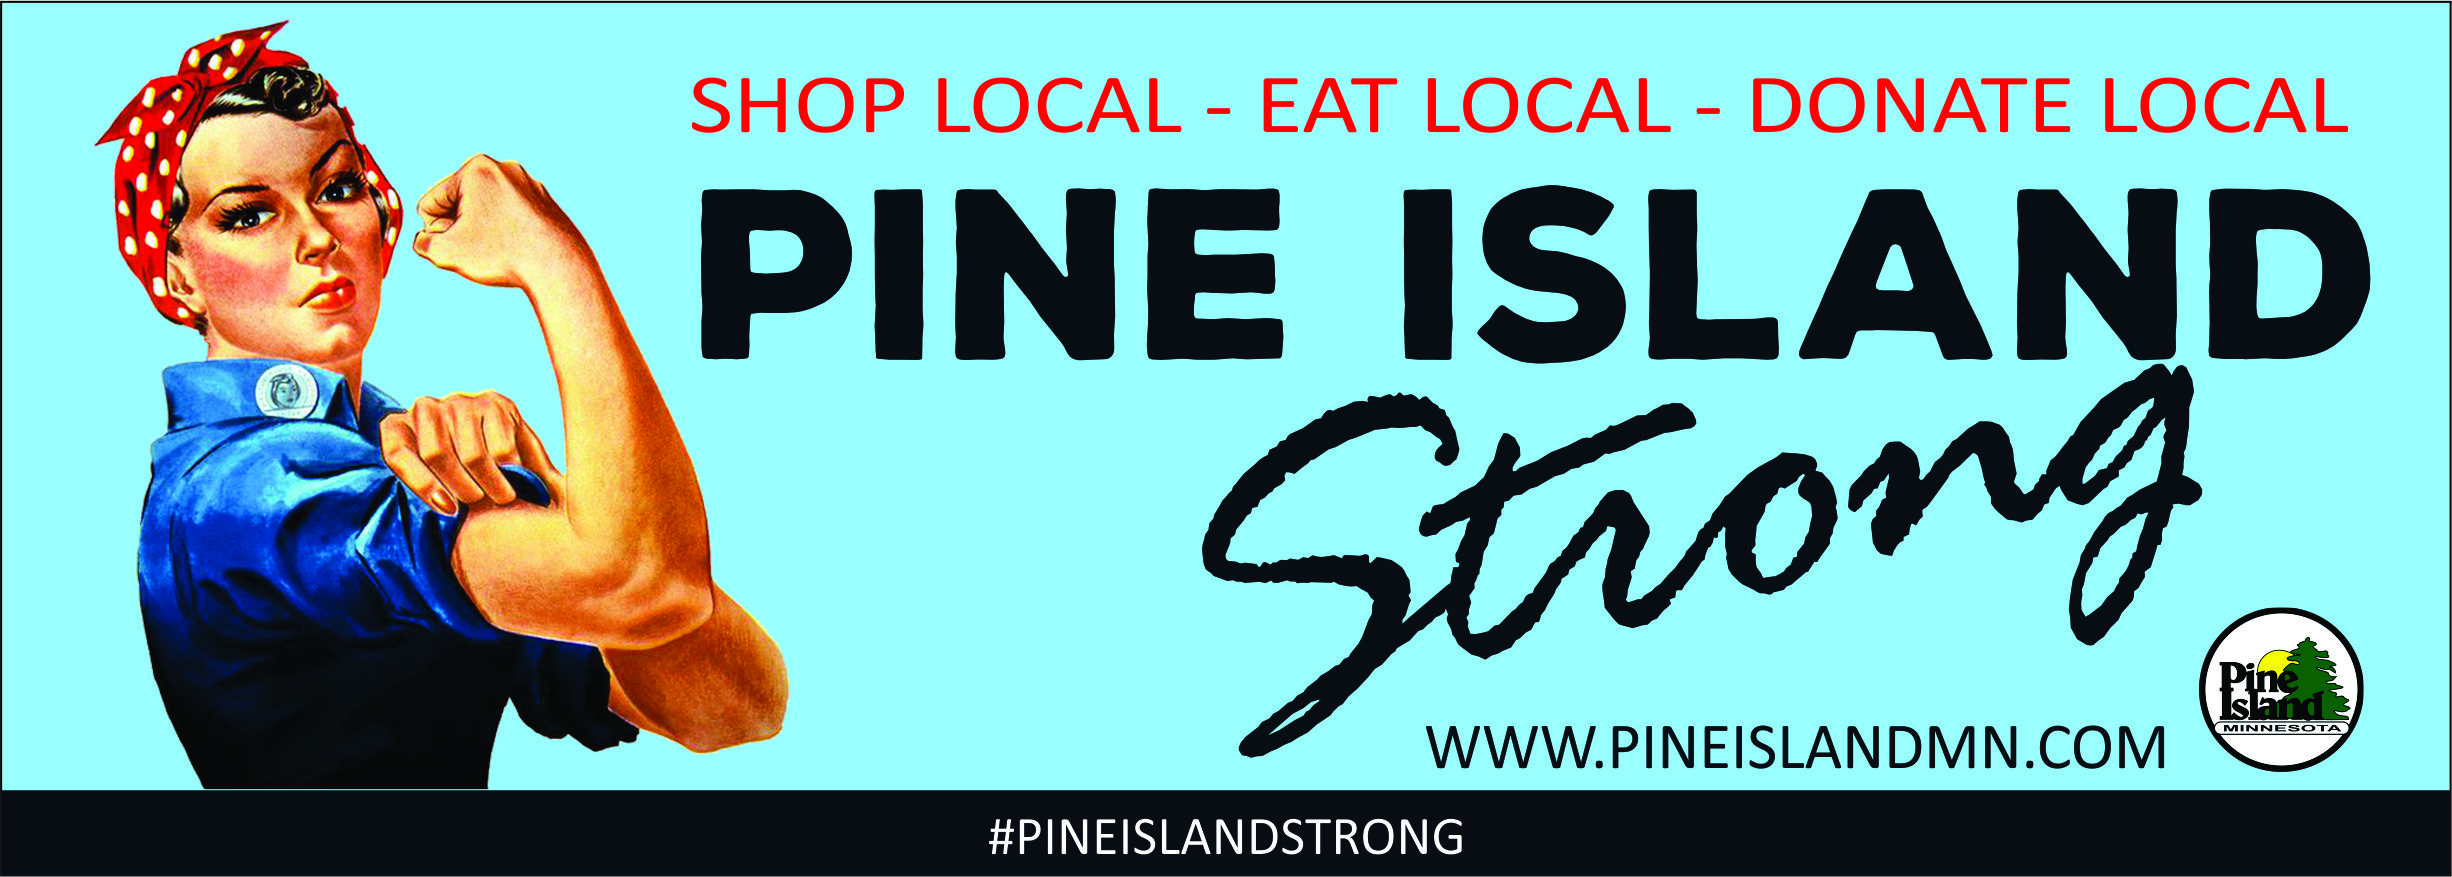 #PineIslandStrong!